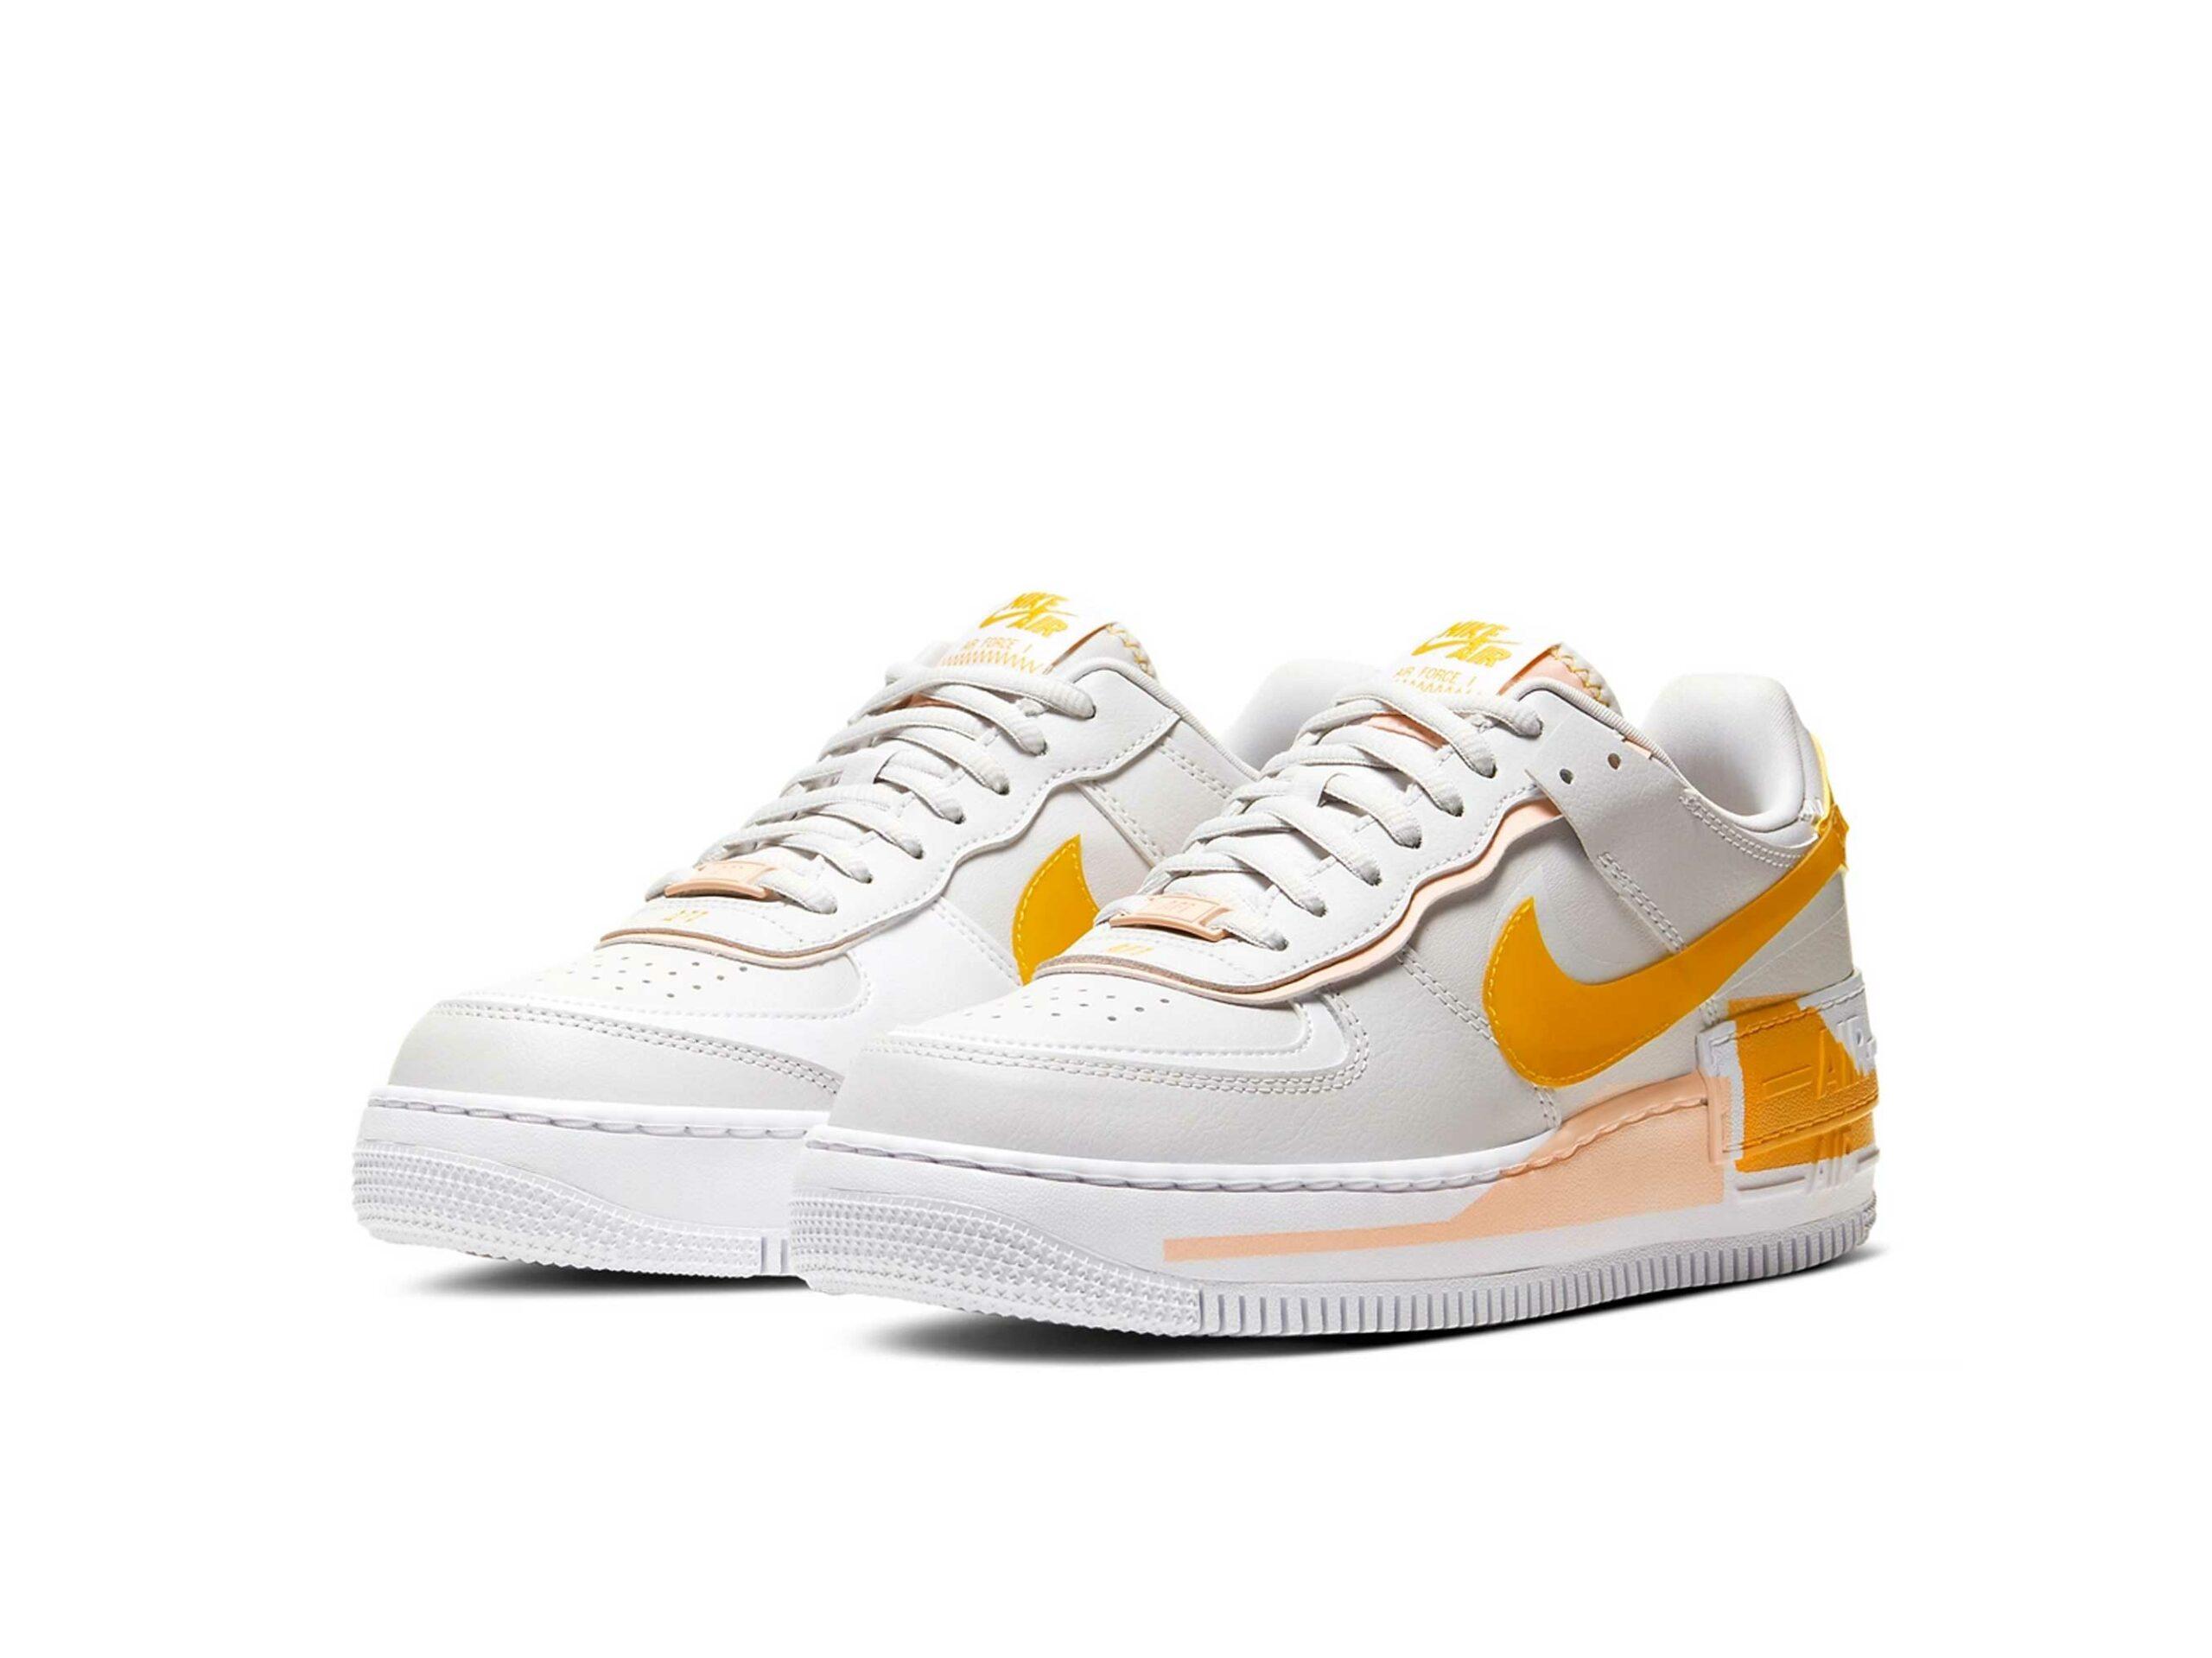 nike air force 1 shadow grey orange cq9503_001 купить